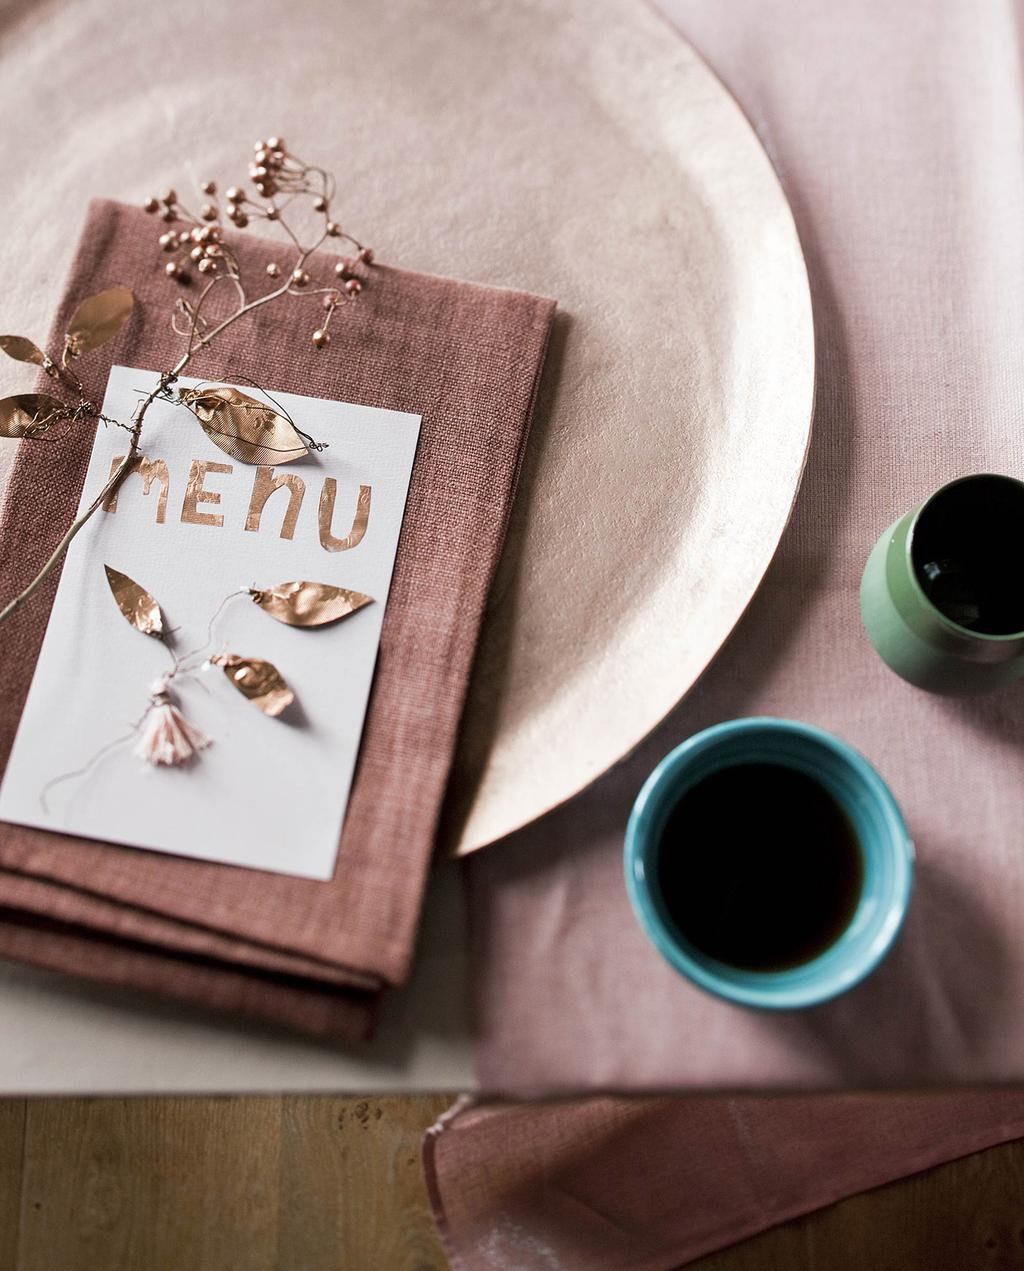 vtwonen 12-2012 | pasen menu met diy en pastelkleuren